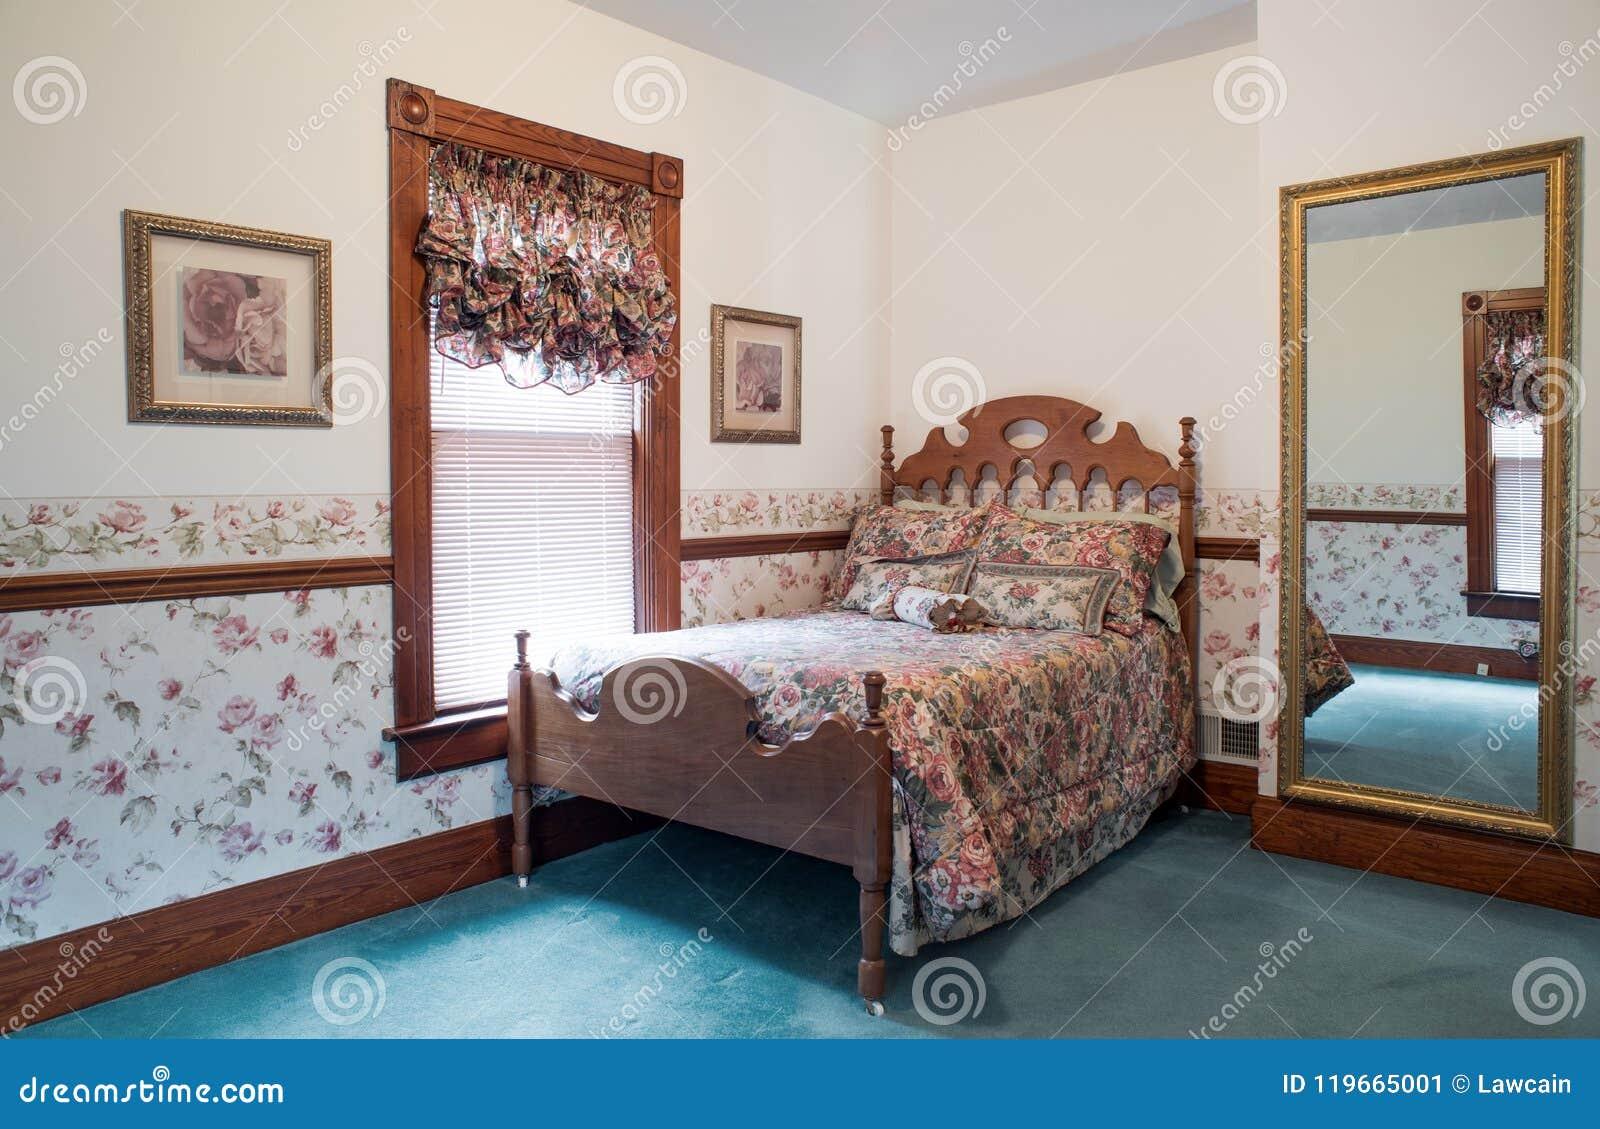 Camere Da Letto Rosa Antico : Camera da letto antiquata con il pezzo di terra coltivato a antico